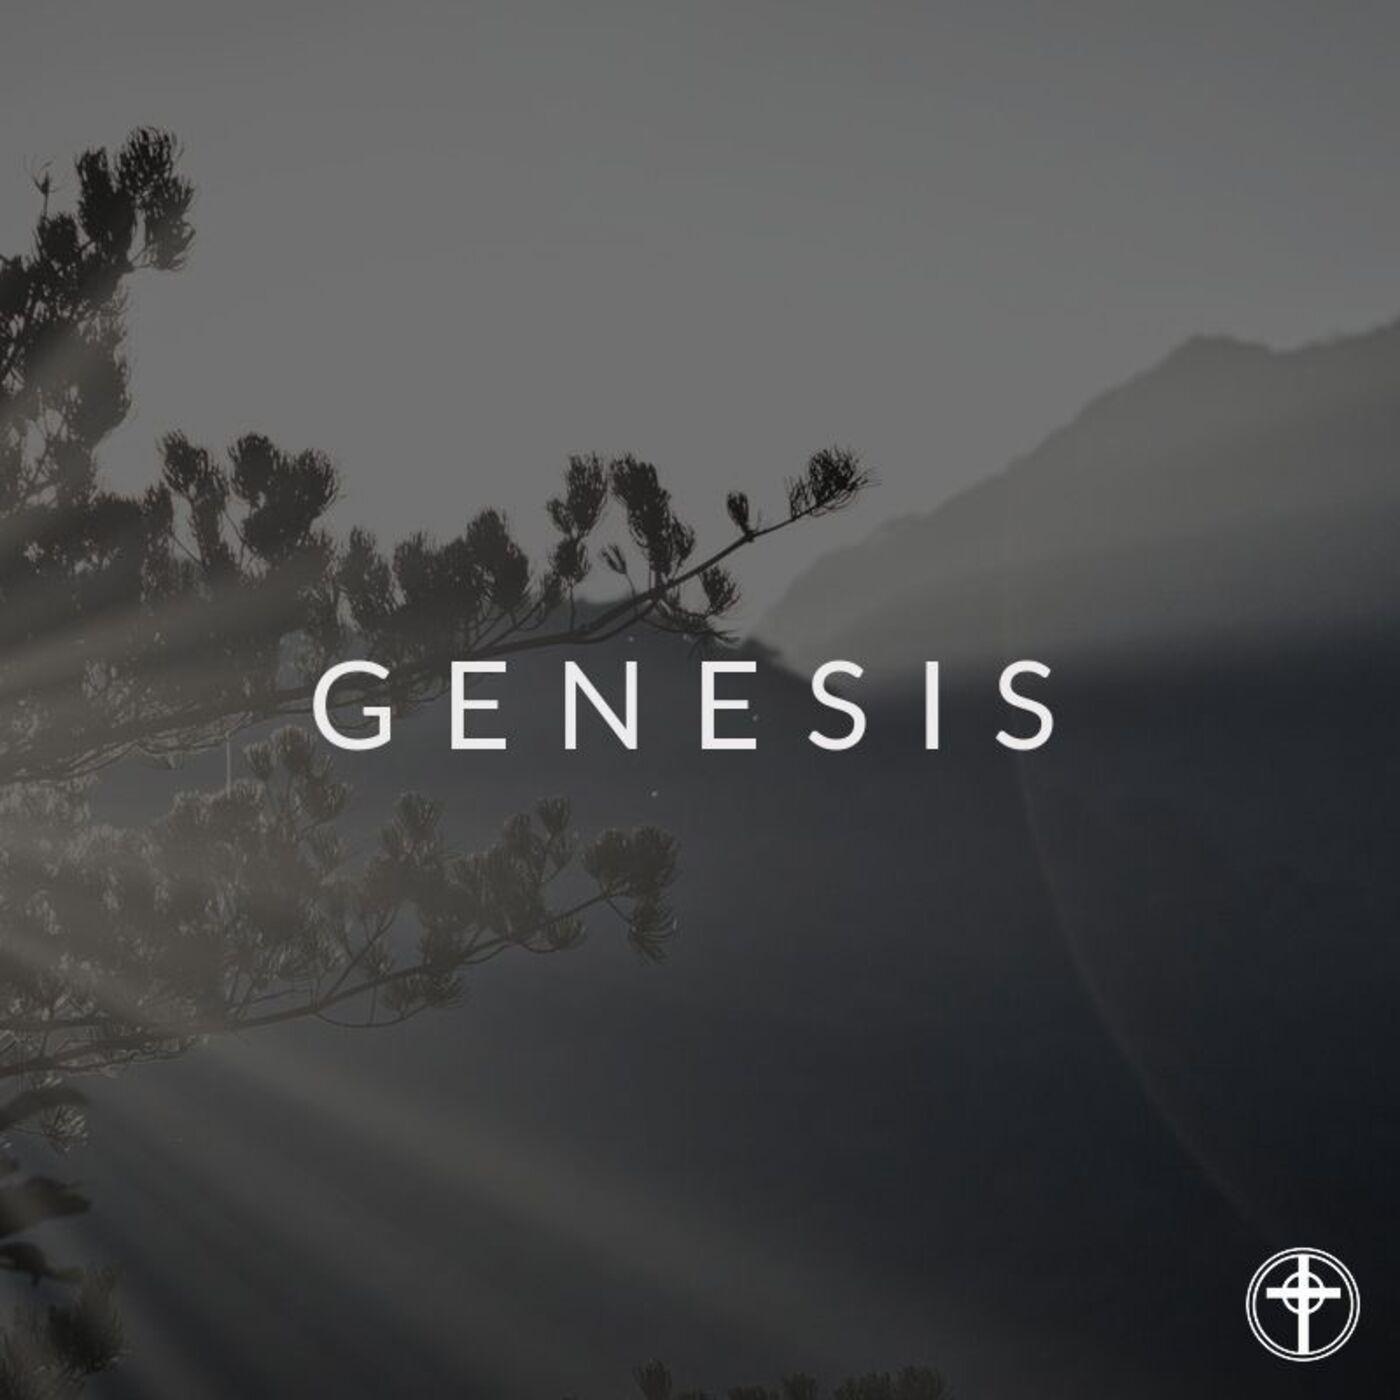 Genesis - Judah, Joseph, and Jesus - Genesis 44:1-13